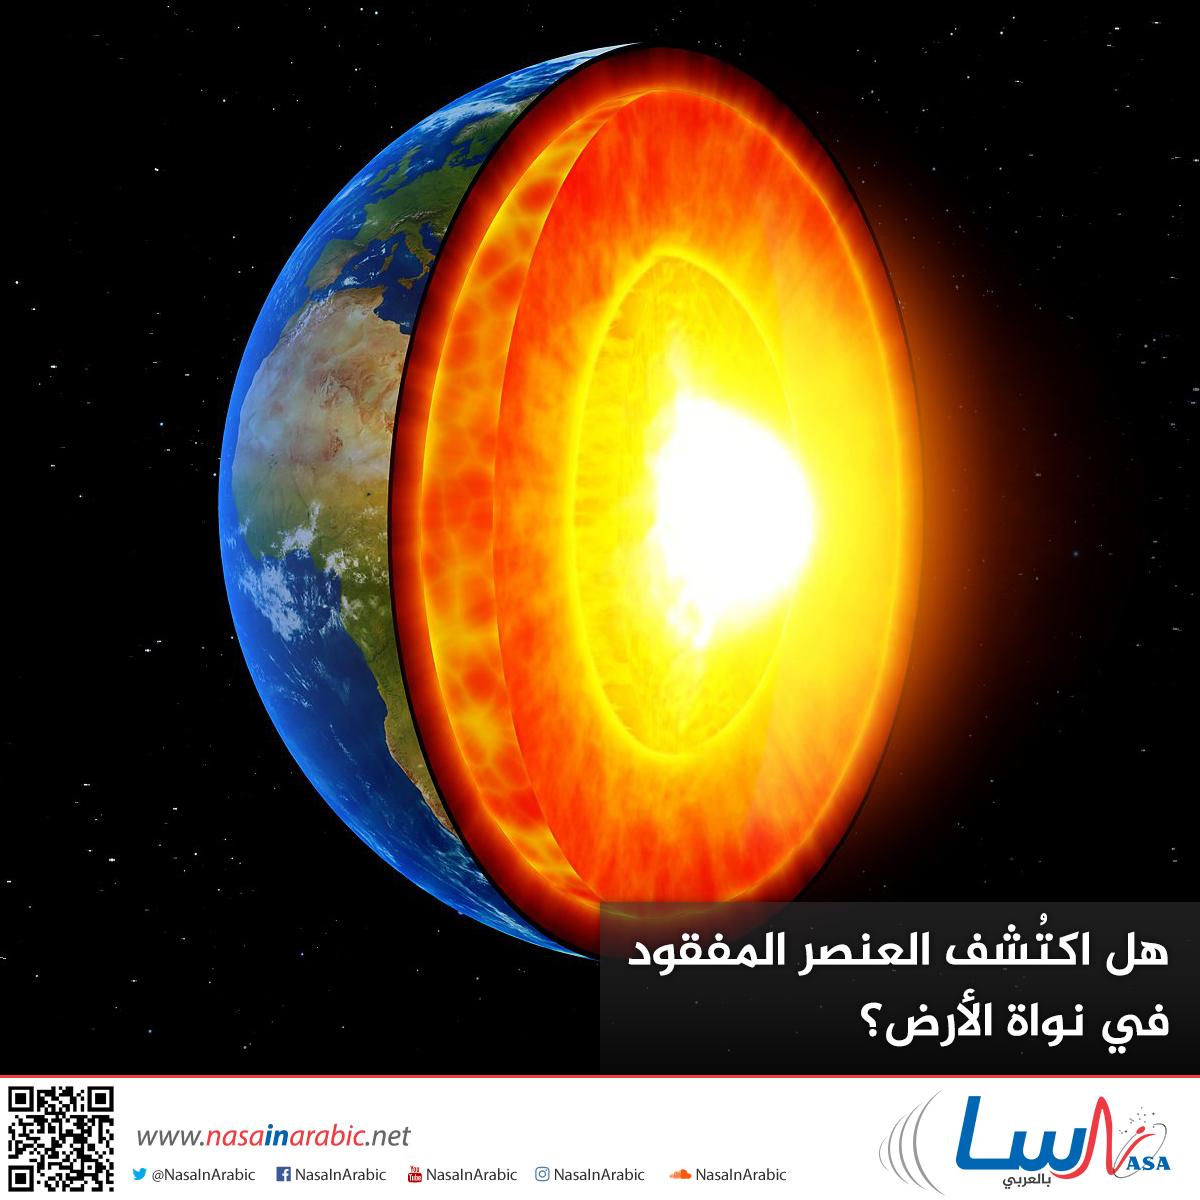 هل اكتُشف العنصر المفقود في نواة الأرض؟